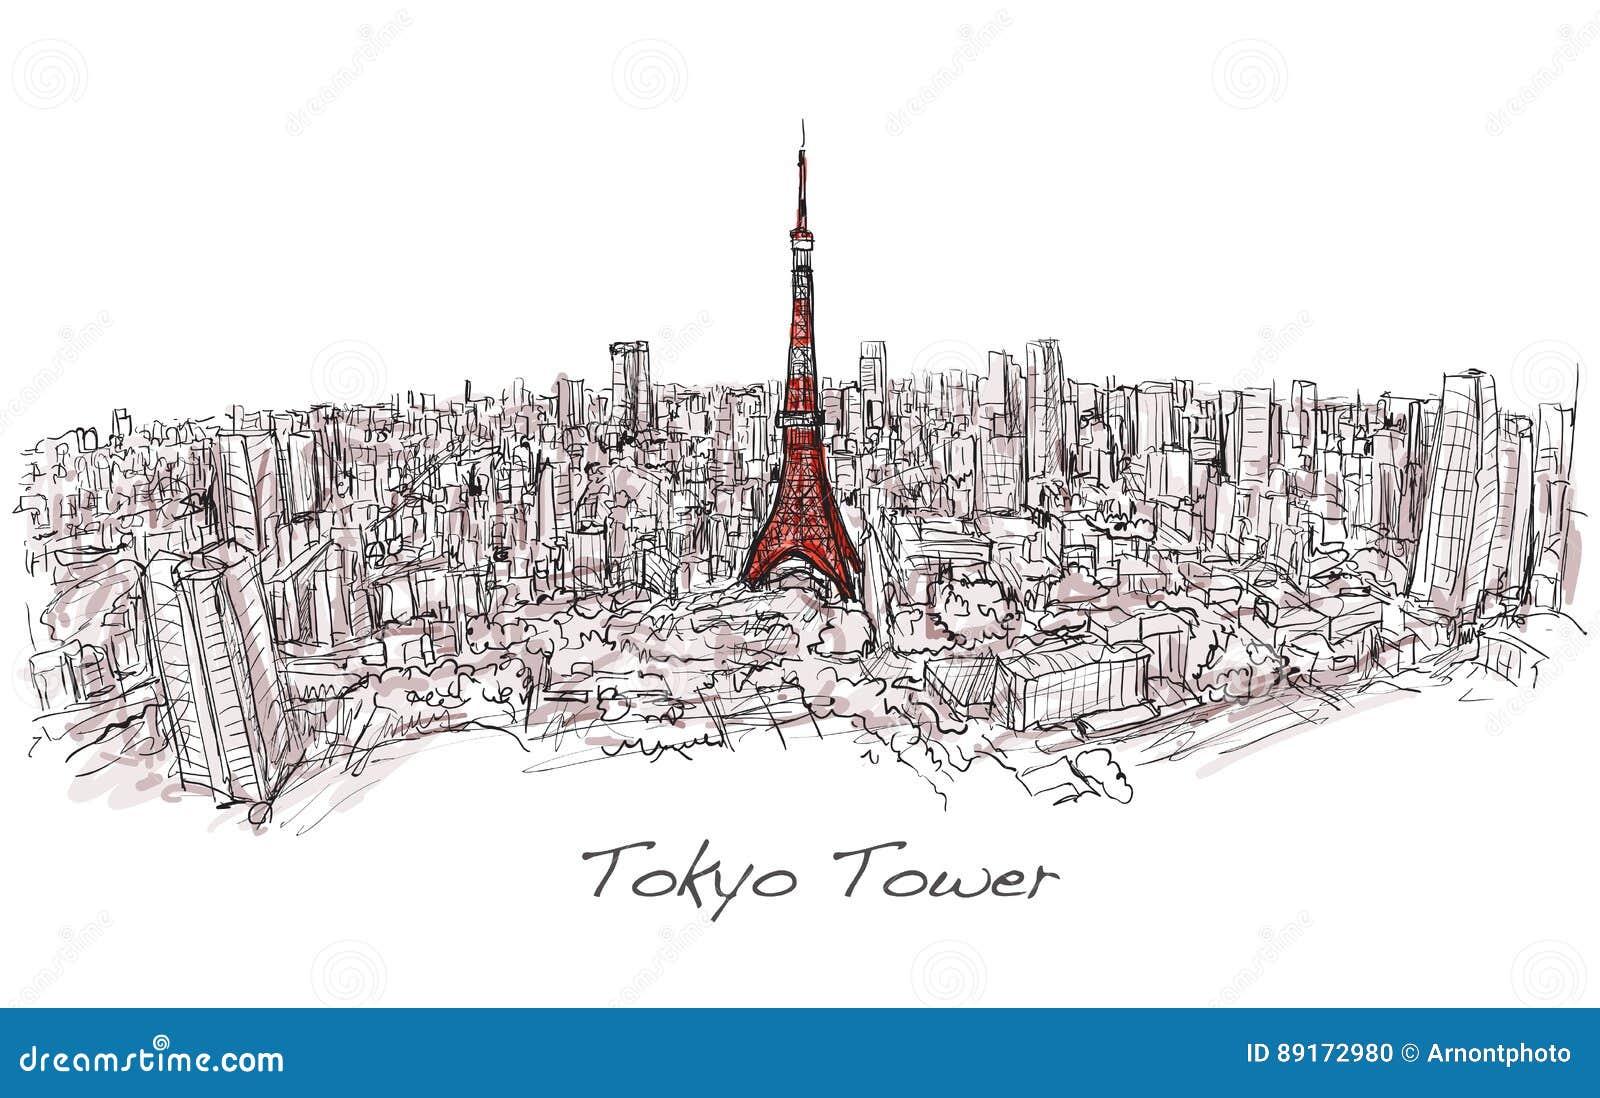 Bosquejo de la torre de Tokio del scape de la ciudad con horizonte del edificio,